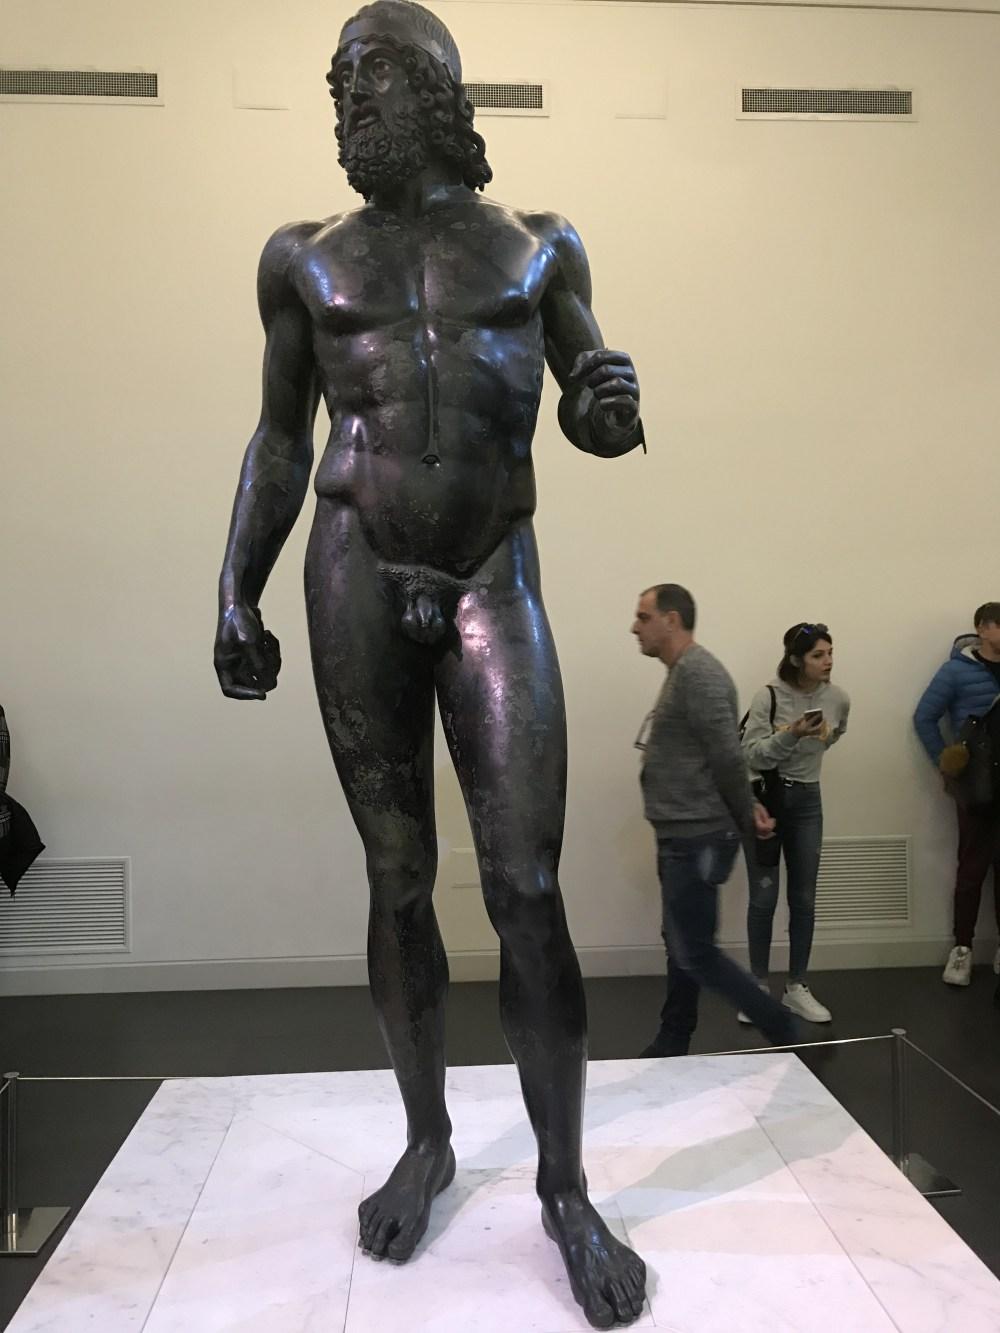 MuseoArcheologicoNazionale Bonzi della Magna Grecia - Bronzi de Riaci (MArRC)